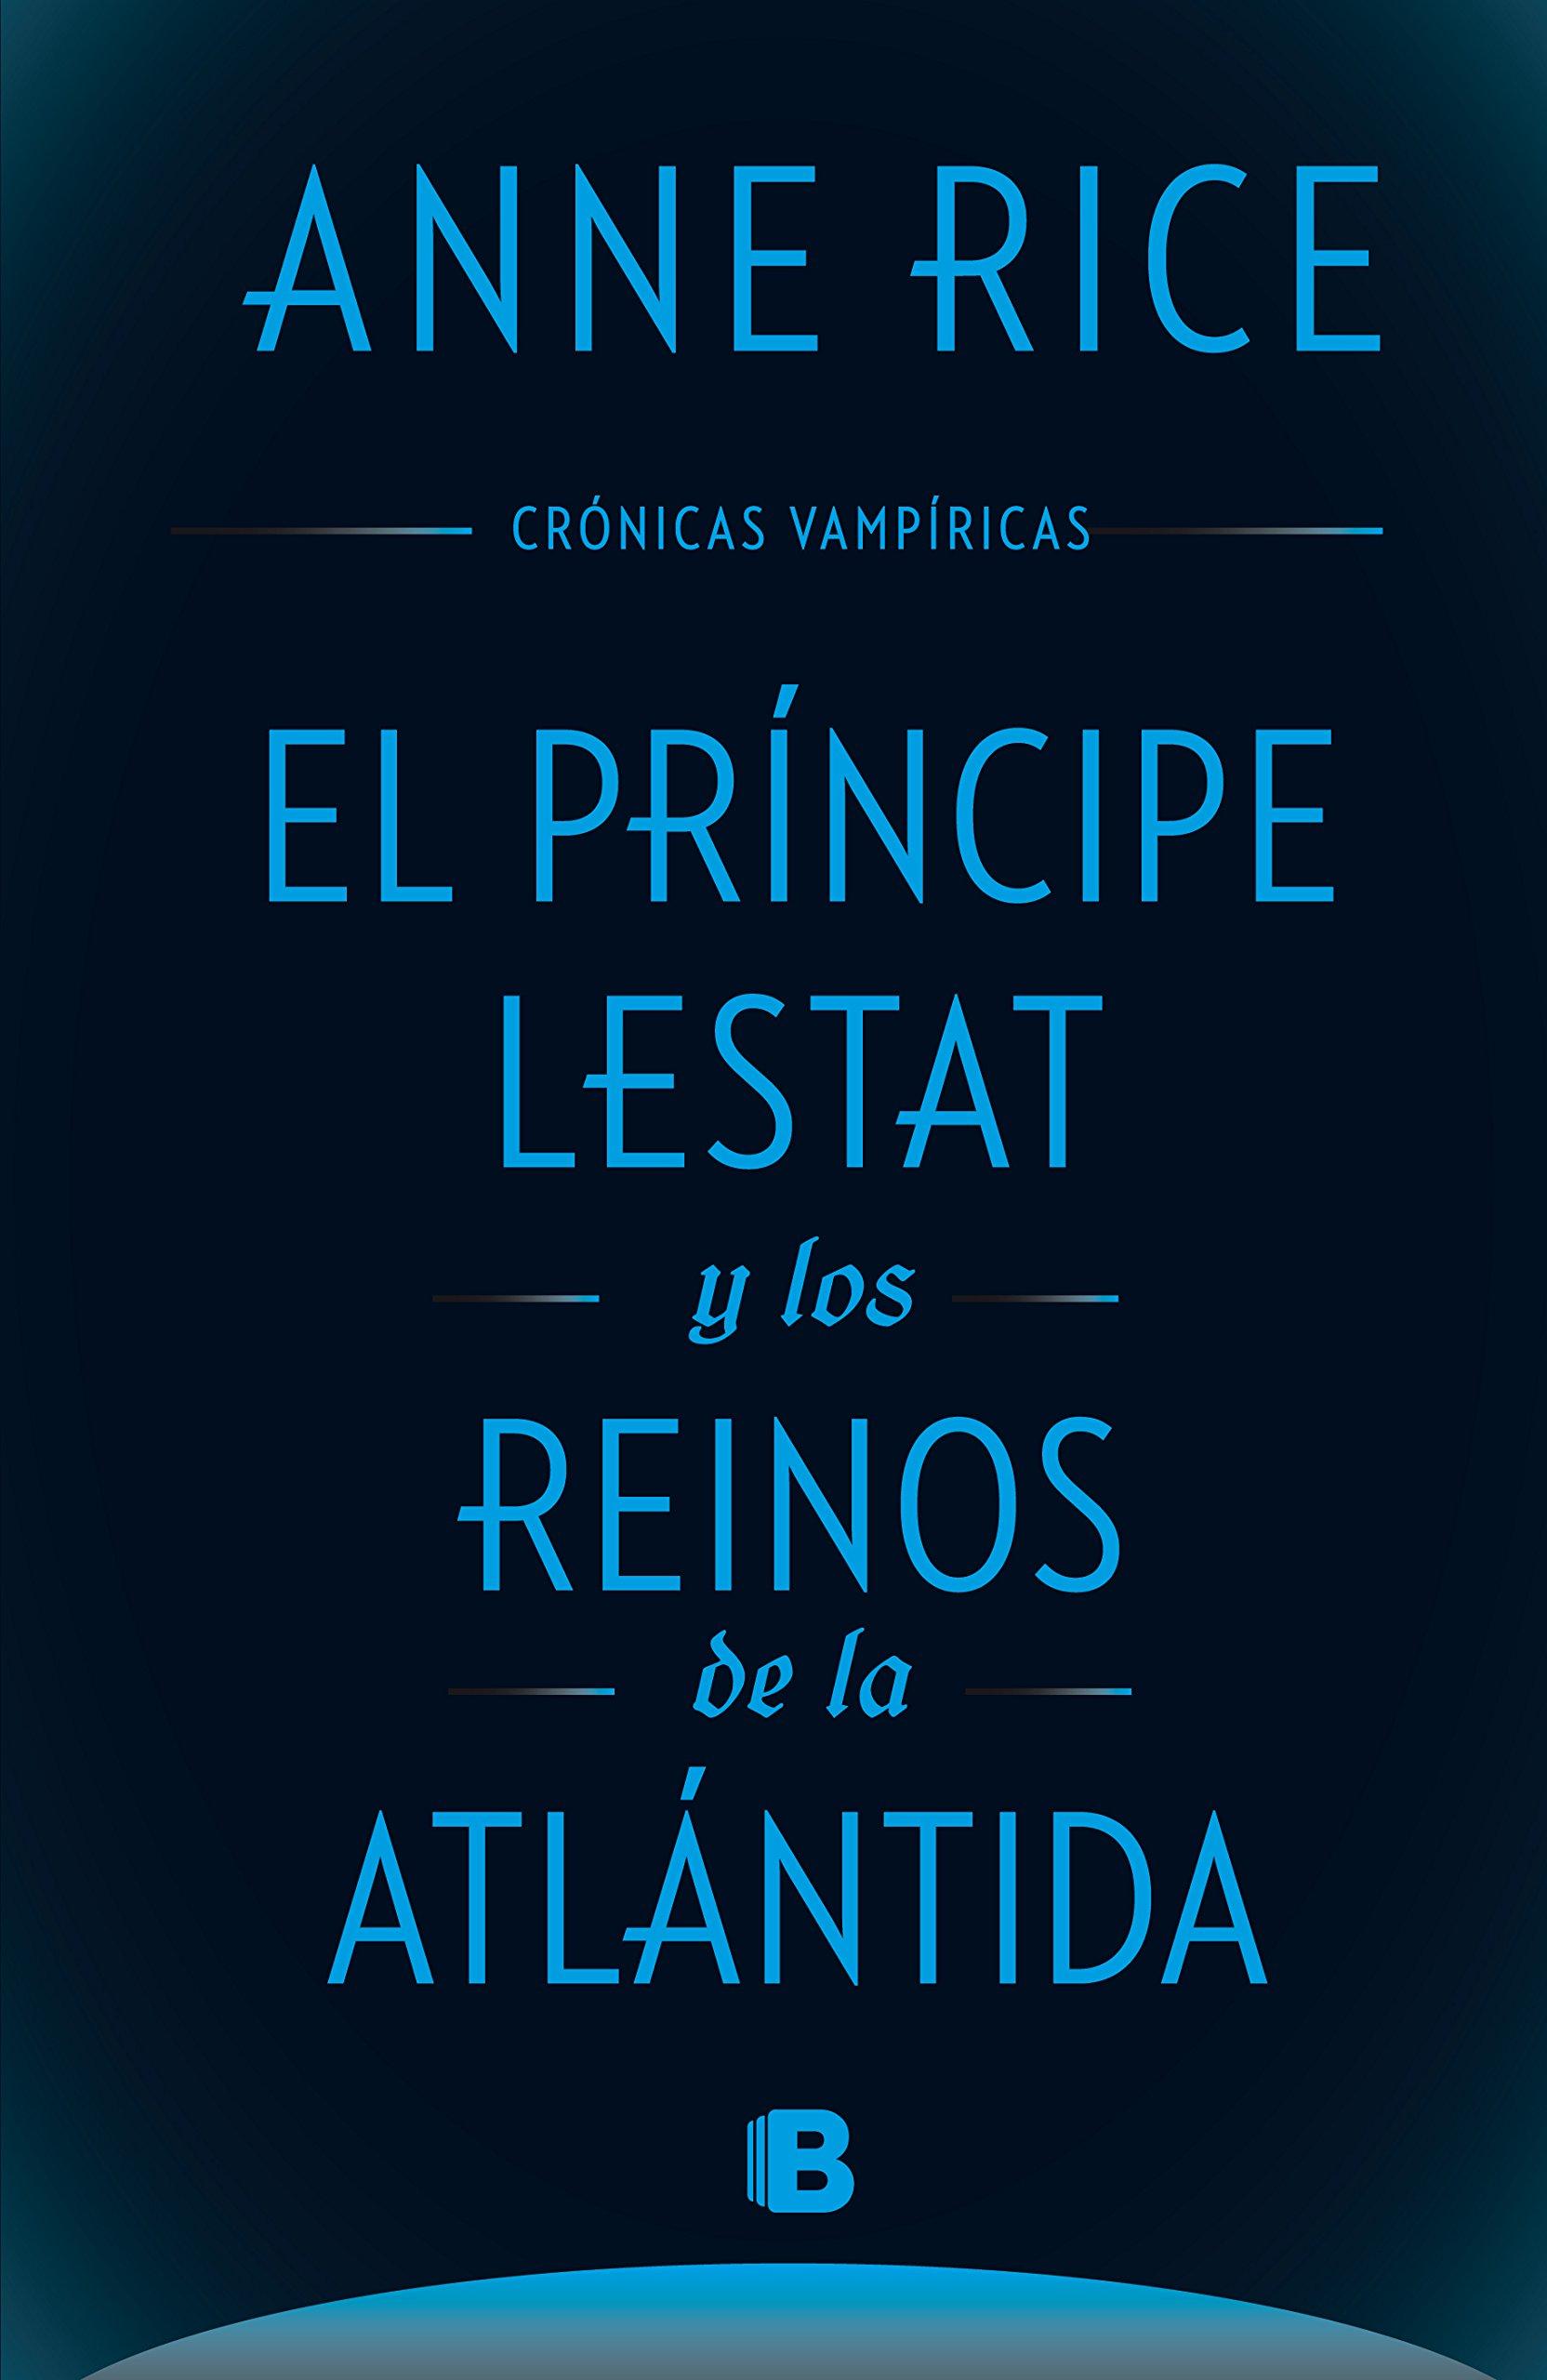 El príncipe Lestat y los reinos de la Atlántida - Anne Rice 712-AYOVonL